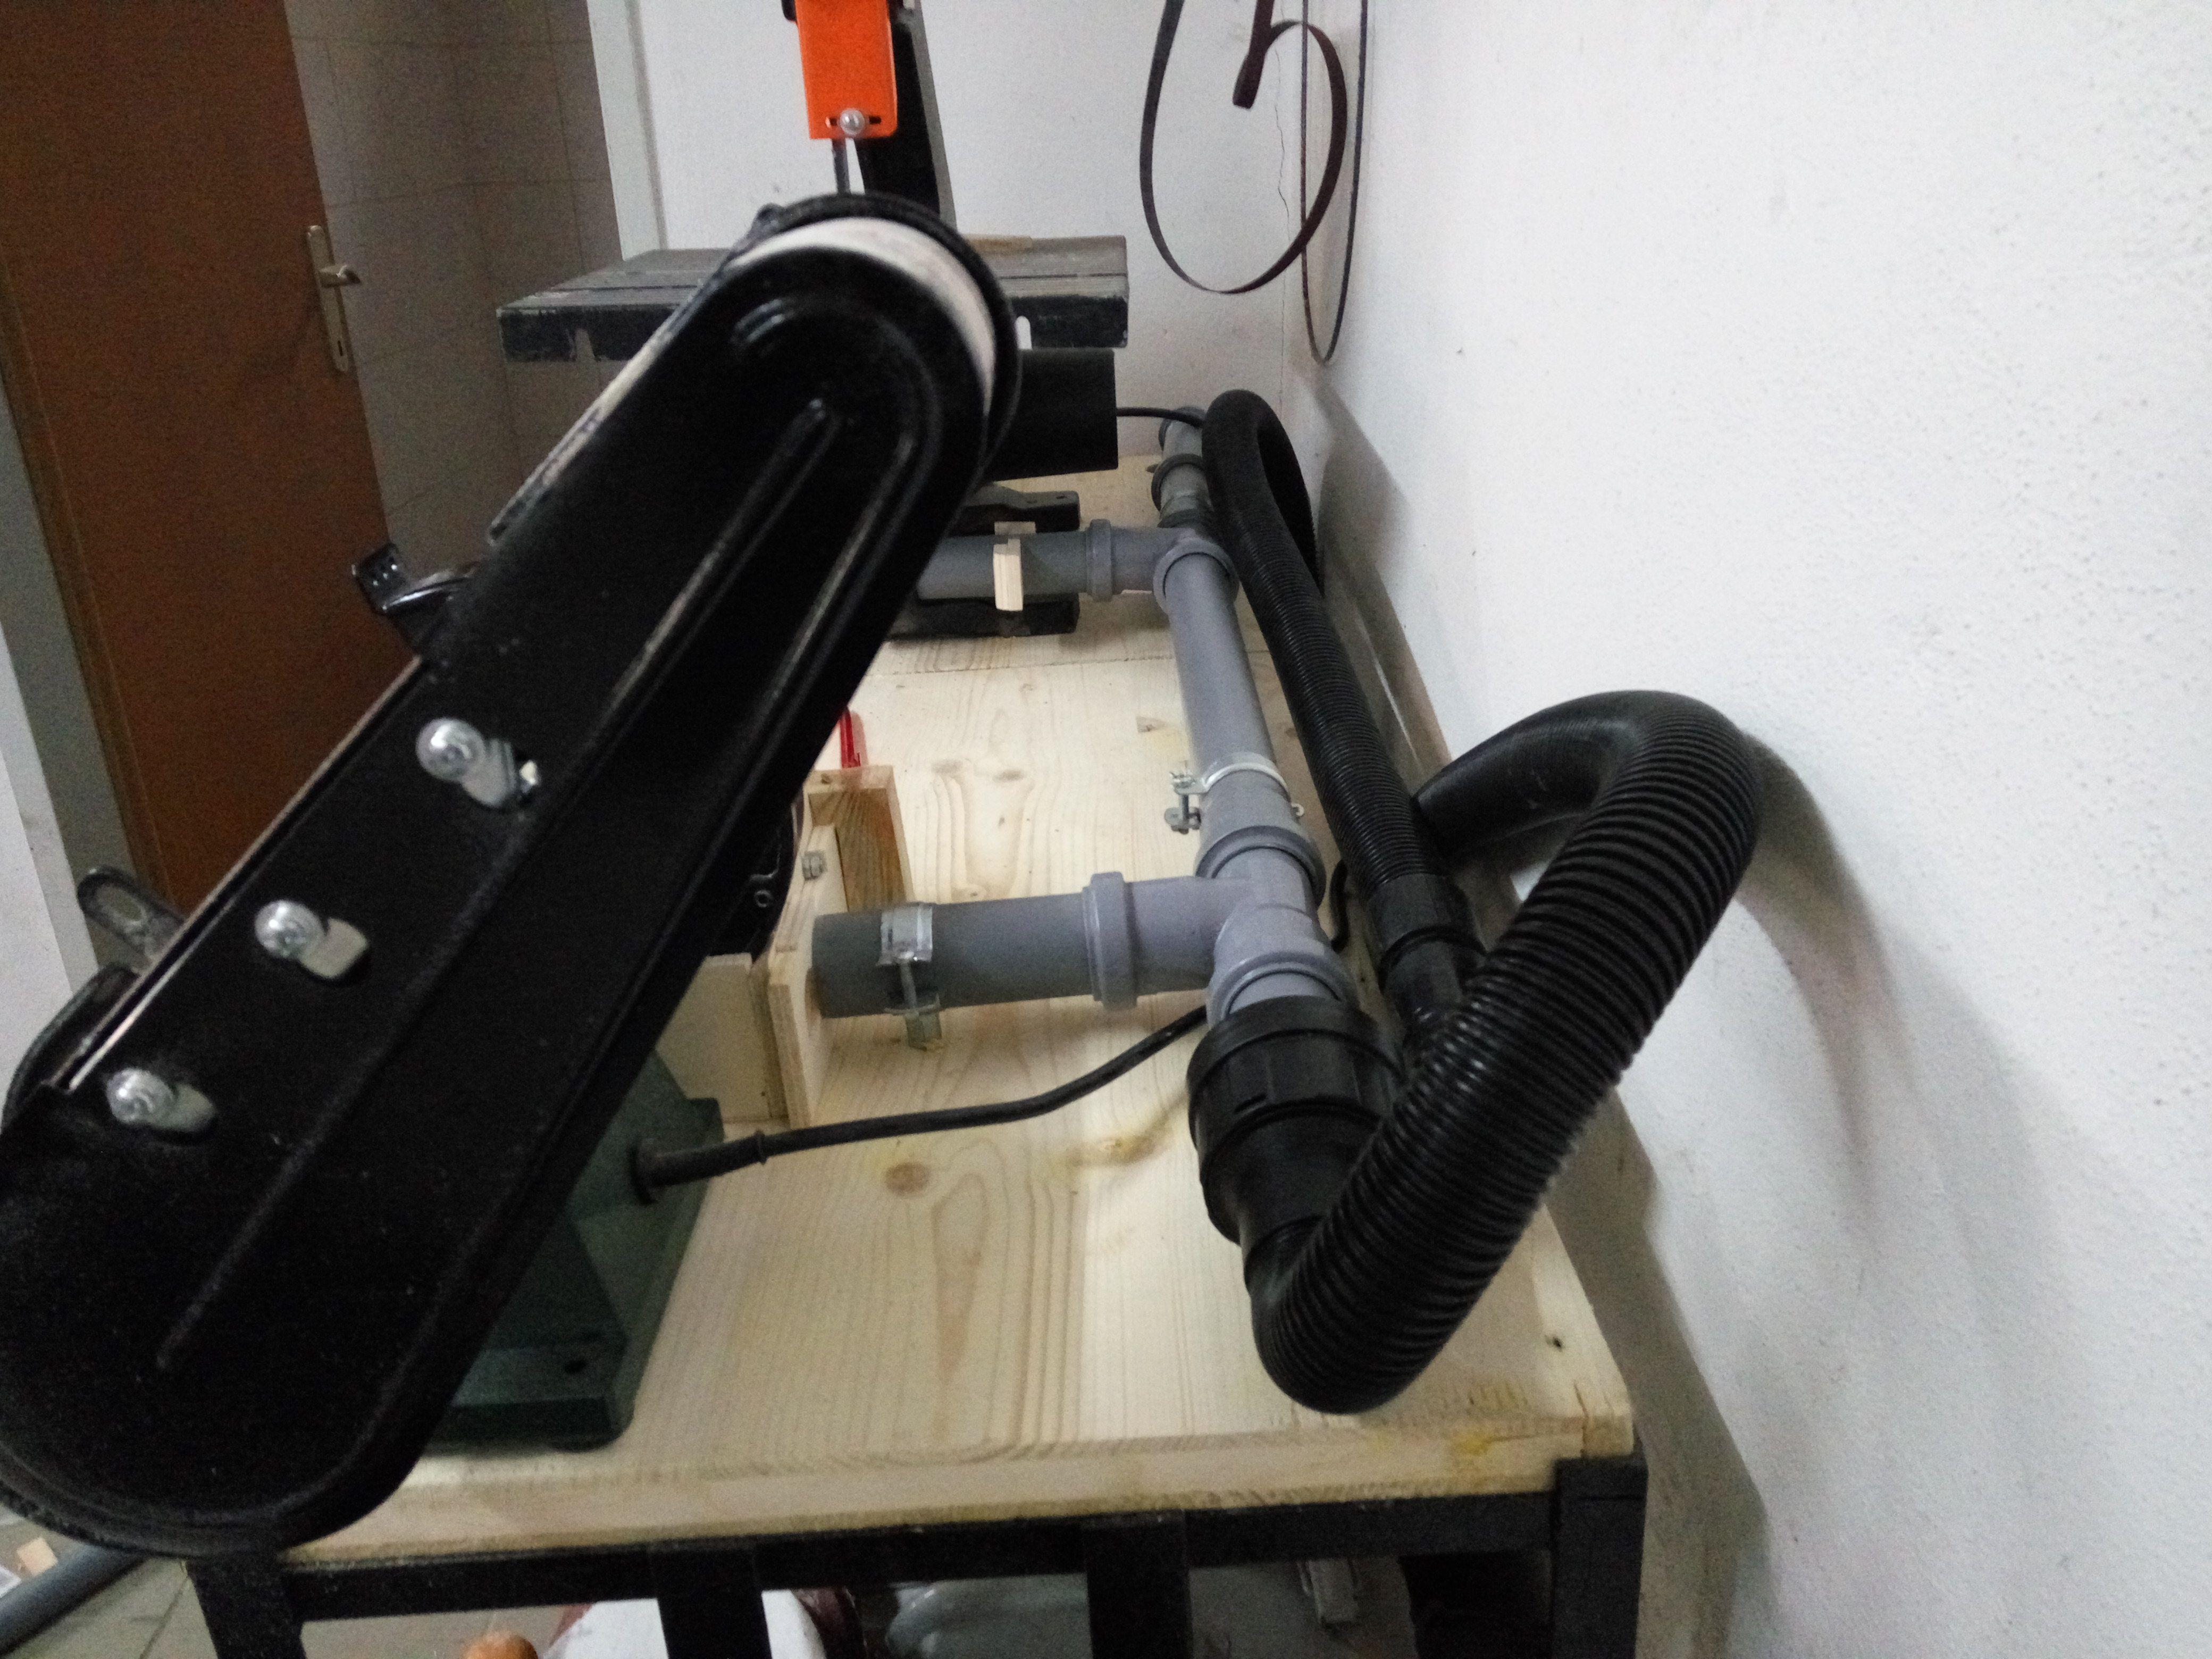 absauganlage bauanleitung zum selber bauen heimwerker forum werkstatthelfer 1 2 do. Black Bedroom Furniture Sets. Home Design Ideas